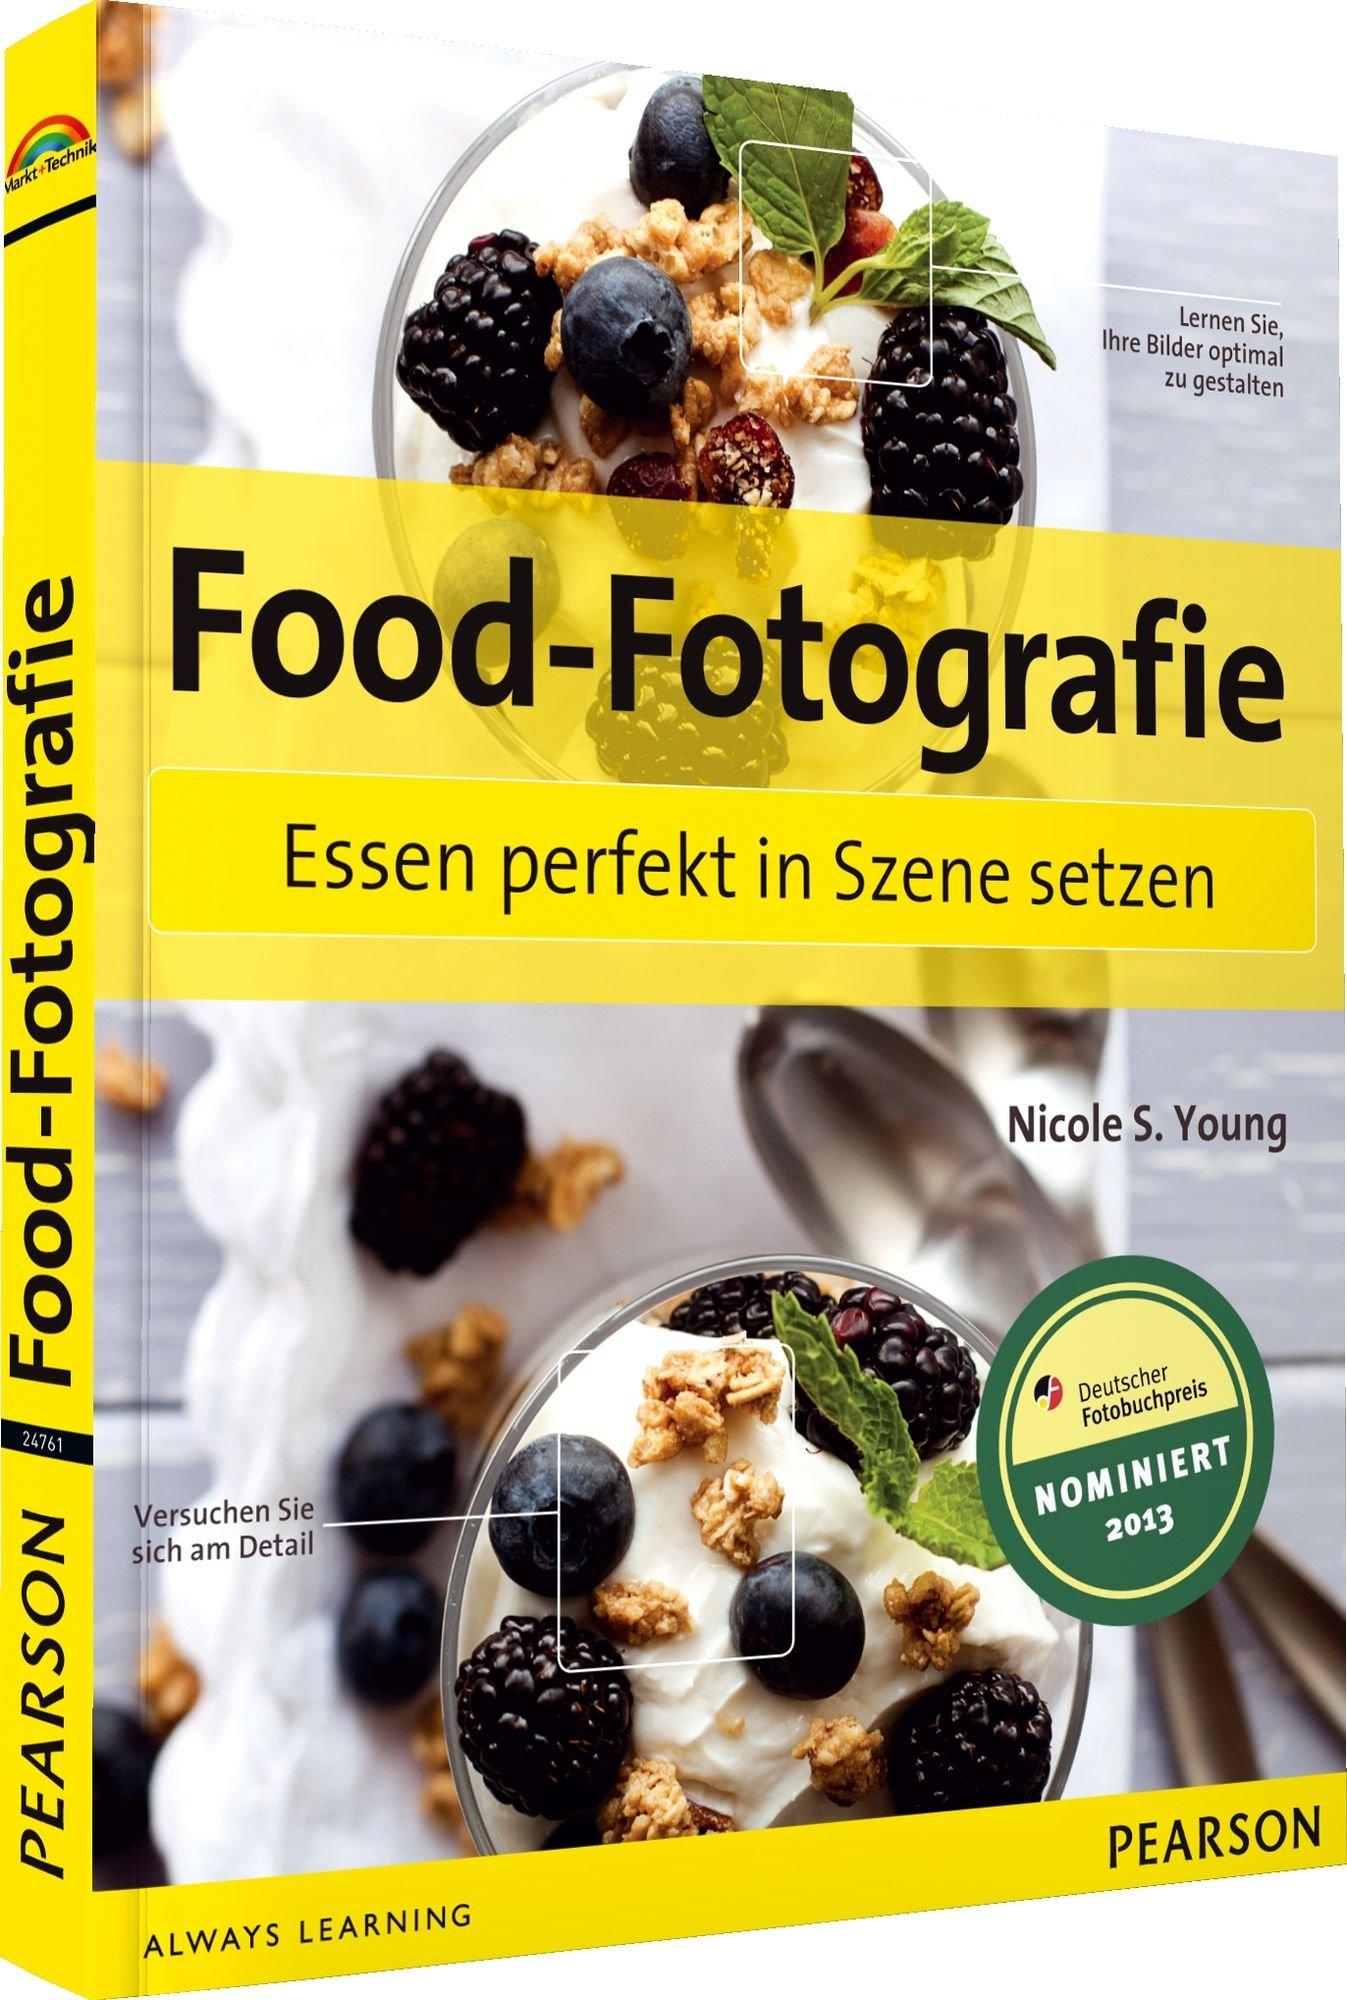 Food-Fotografie - Essen perfekt in Szene setzen (Digital fotografieren)